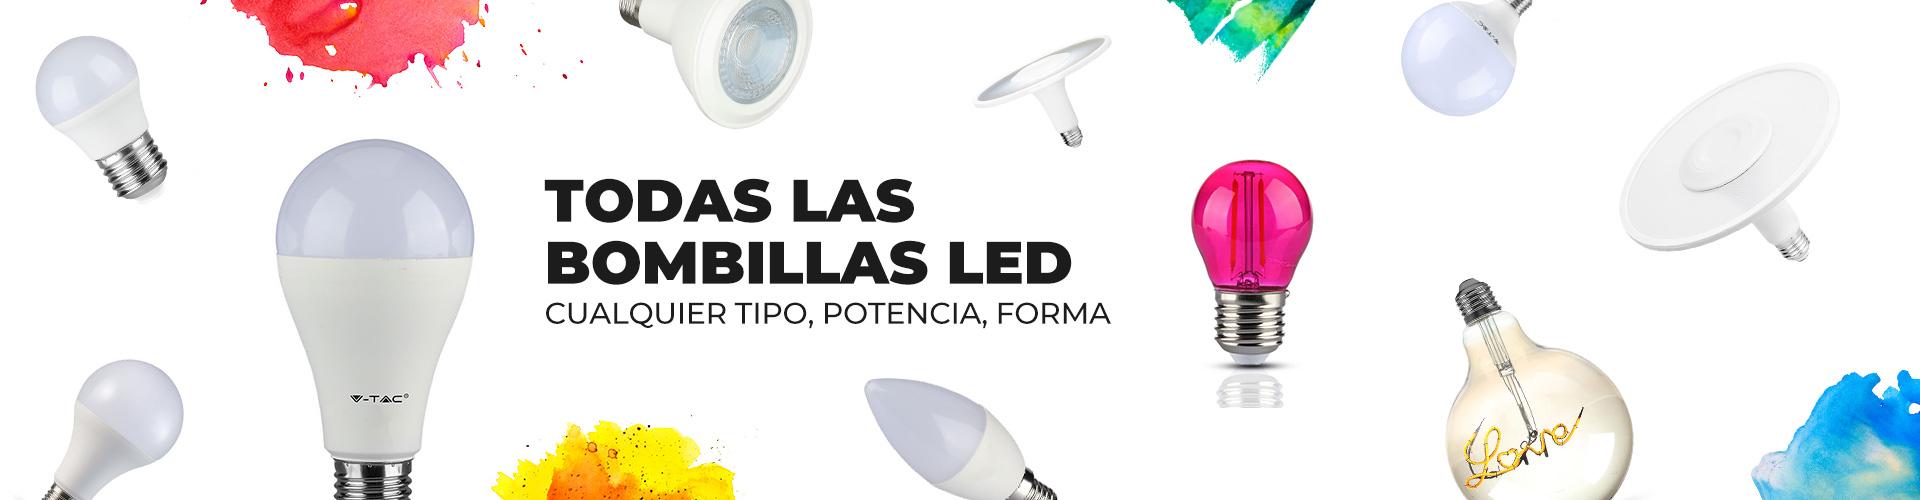 2-all-bulbs-es